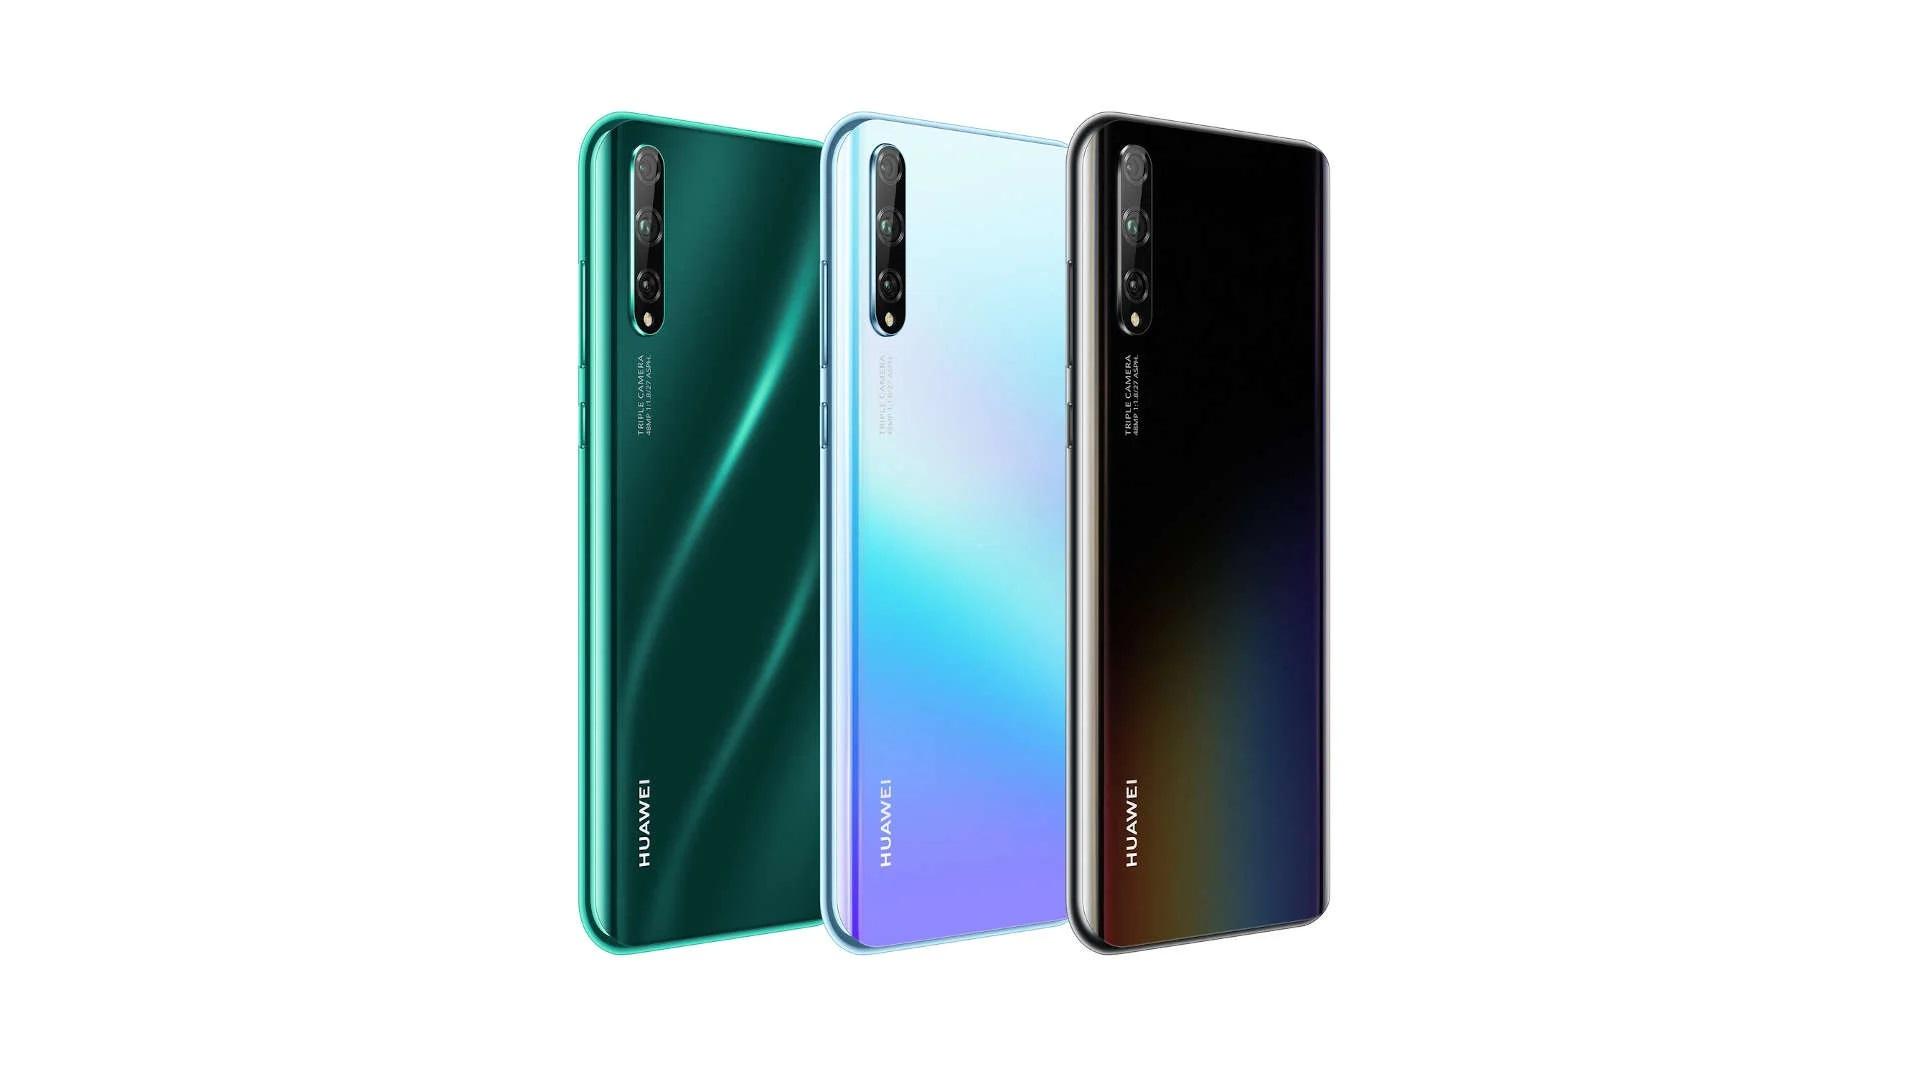 Новинка Huawei P Smart S засветилась на рендерах - изображение